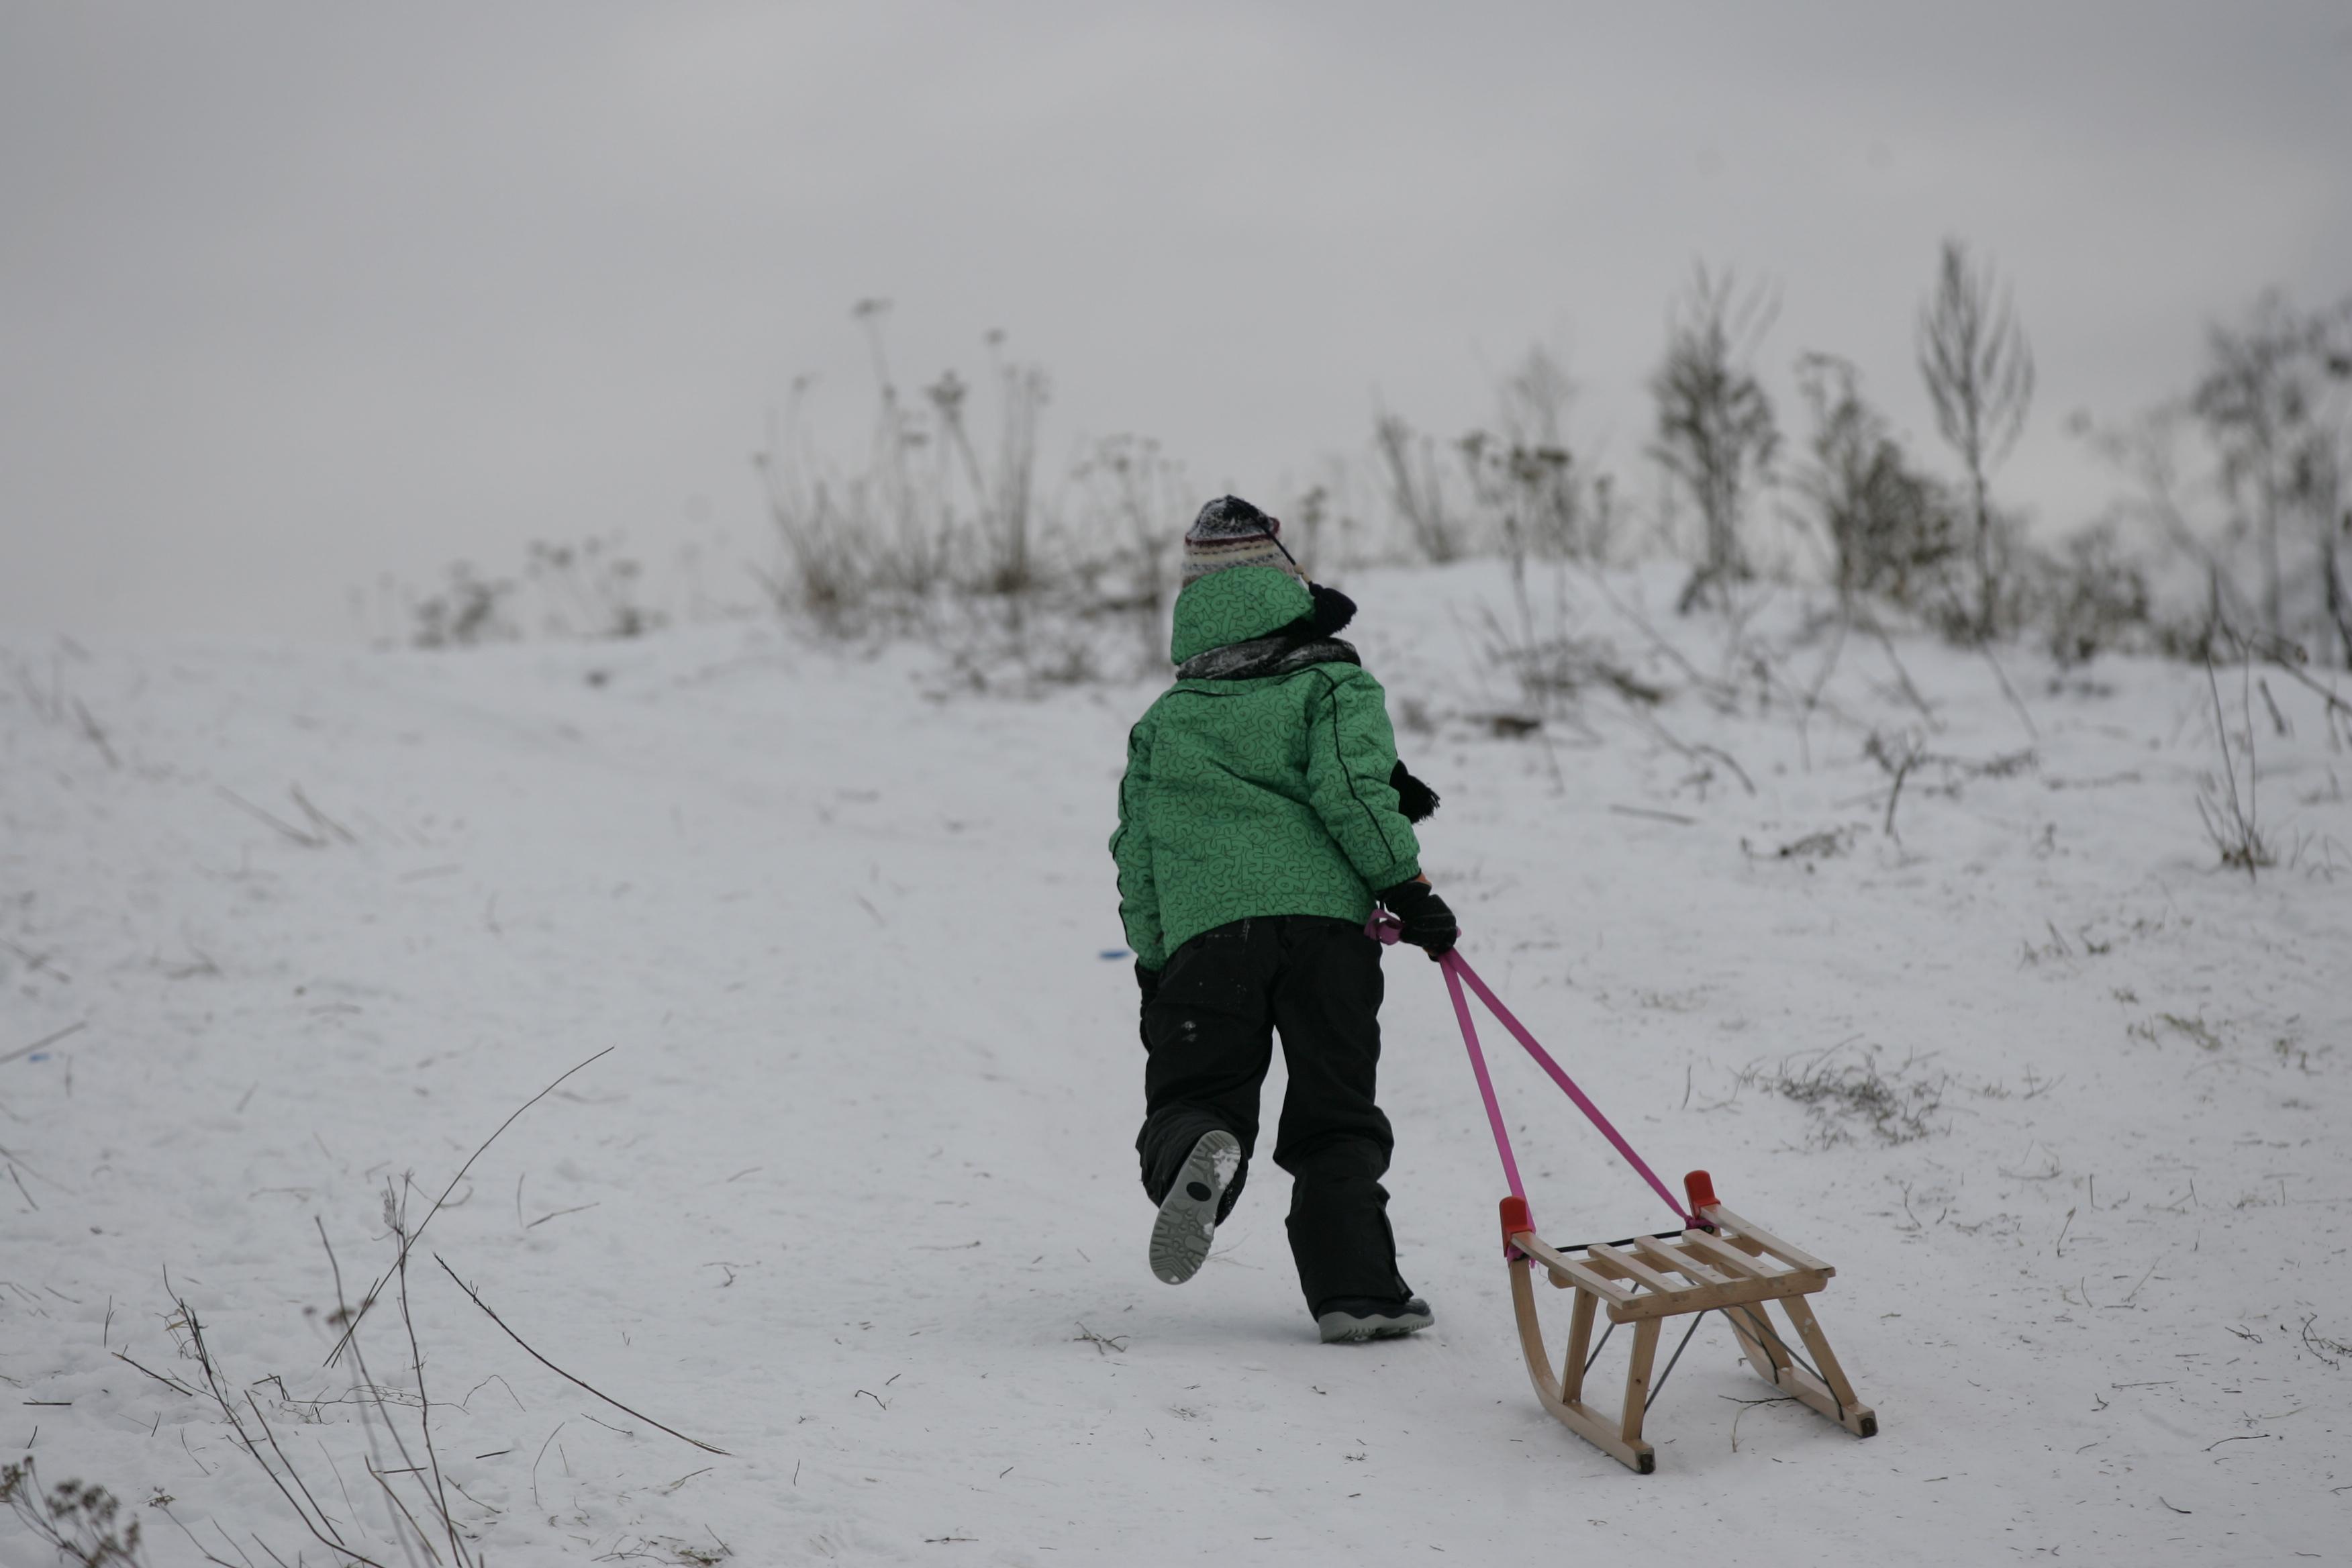 Ojciec chłopca nie chce rozmawiać na temat jego choroby (Fot. Przemysław Skrzydło / Agencja Gazeta)